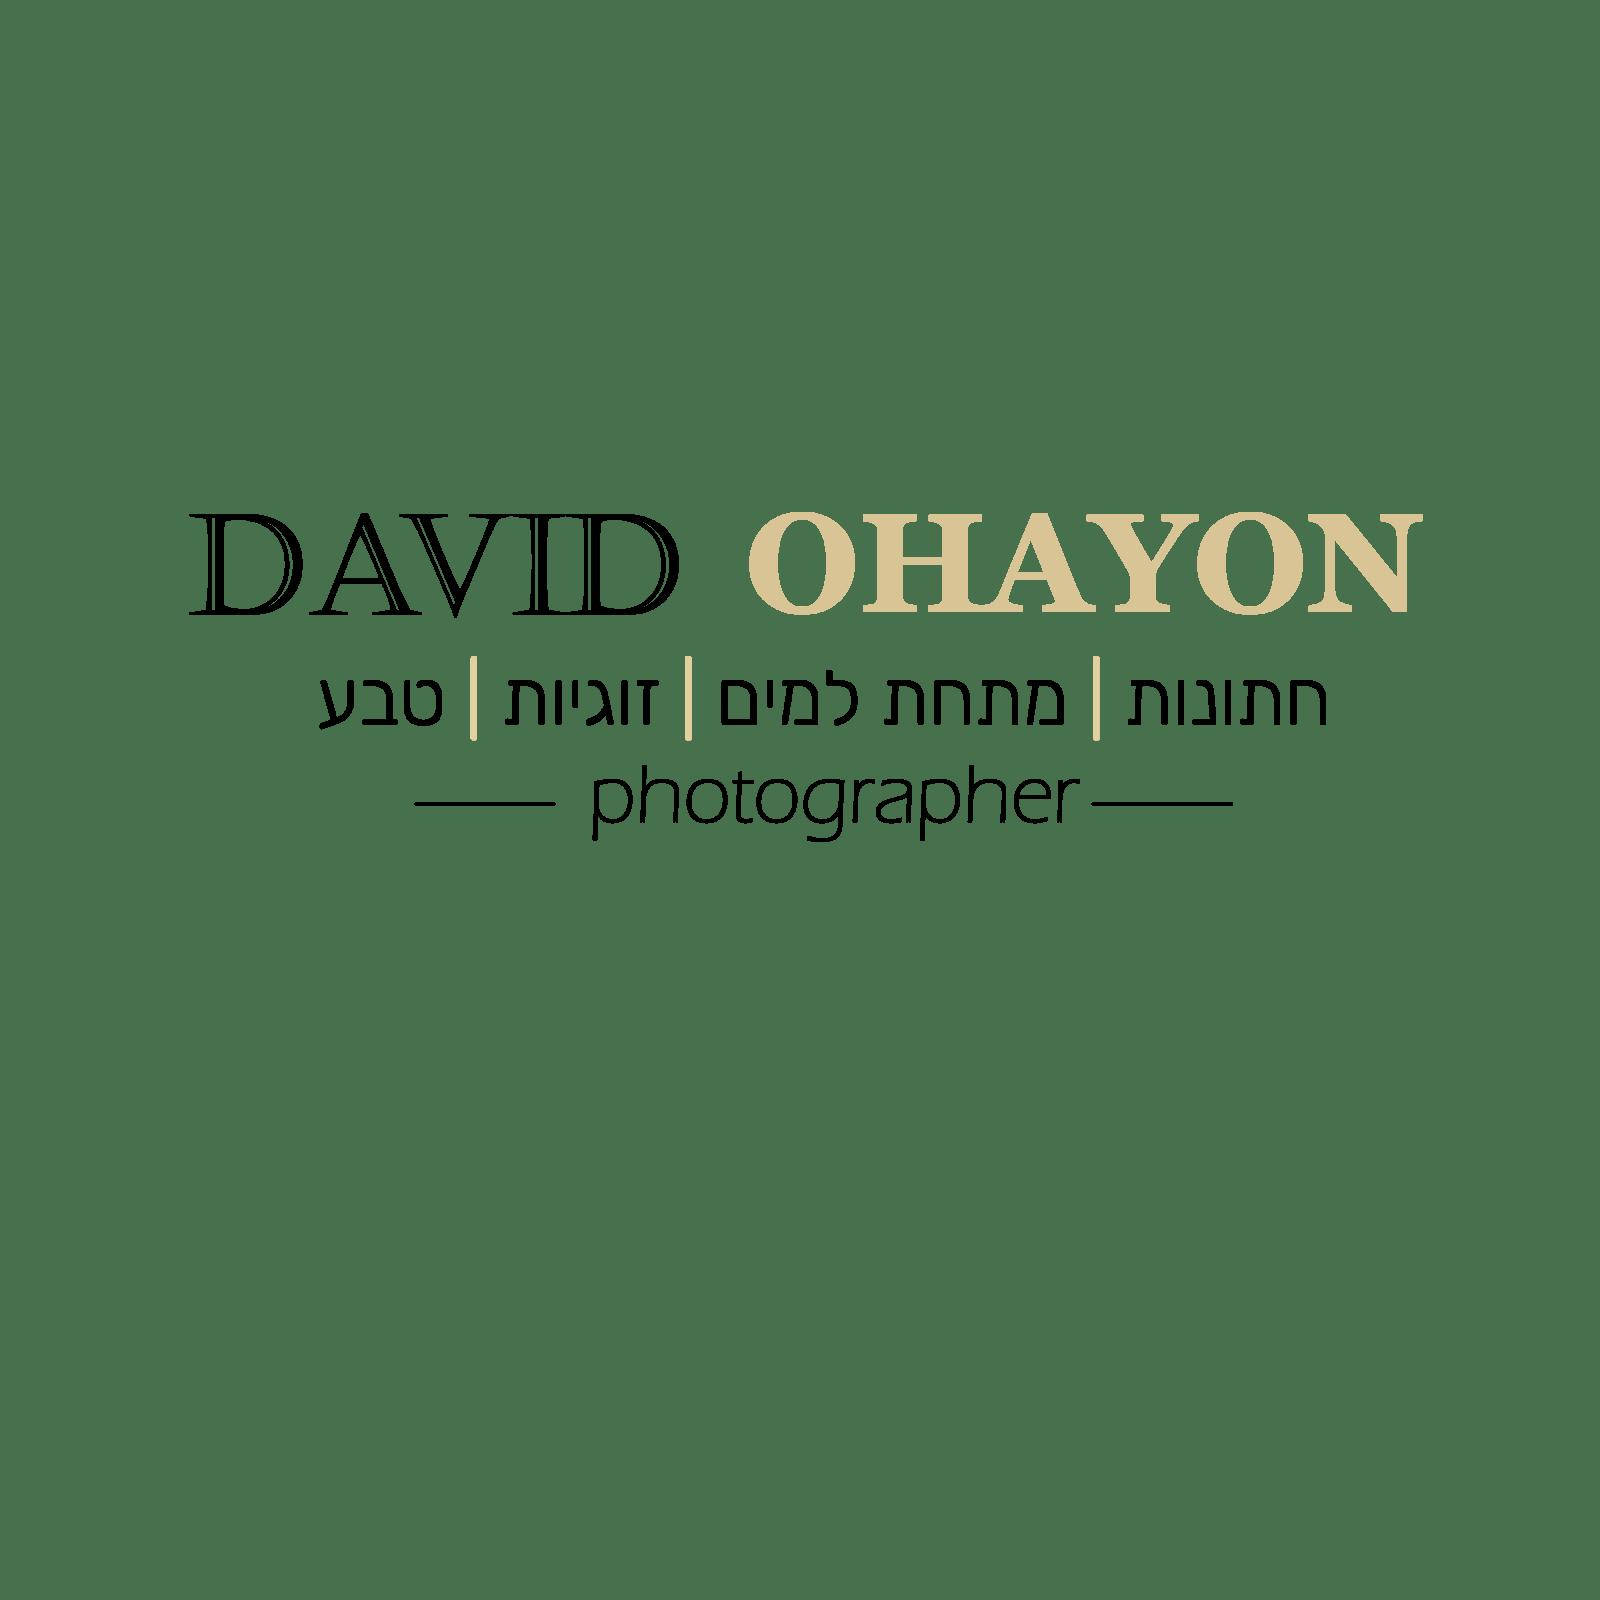 לוגו מעודכן@4x